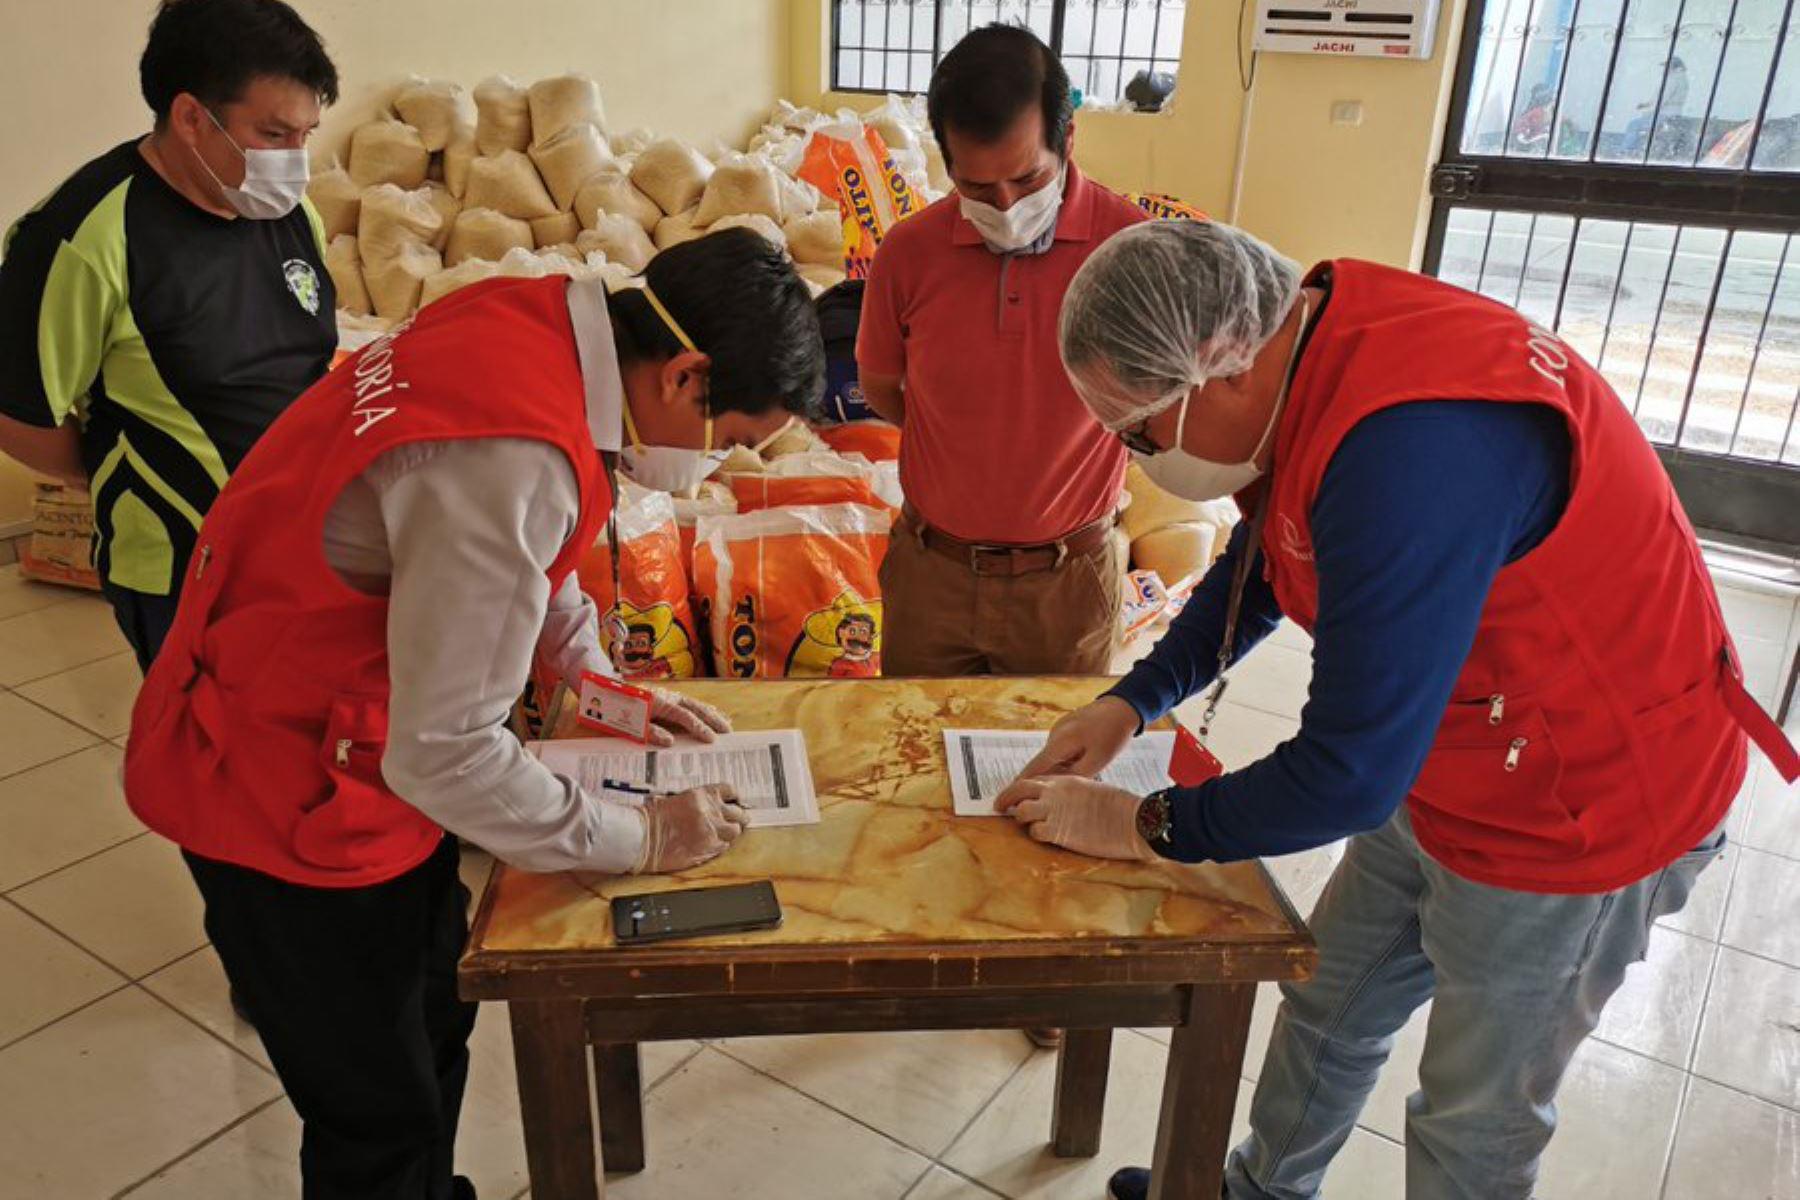 Auditores visitaron la Municipalidad Distrital Andrés Avelino Cáceres en Ayacucho donde se entrega  canastas de víveres a familias vulnerables por COVID19 durante el  Mega Operativo Emergencia sanitaria.  Foto:ANDINA/Difusión